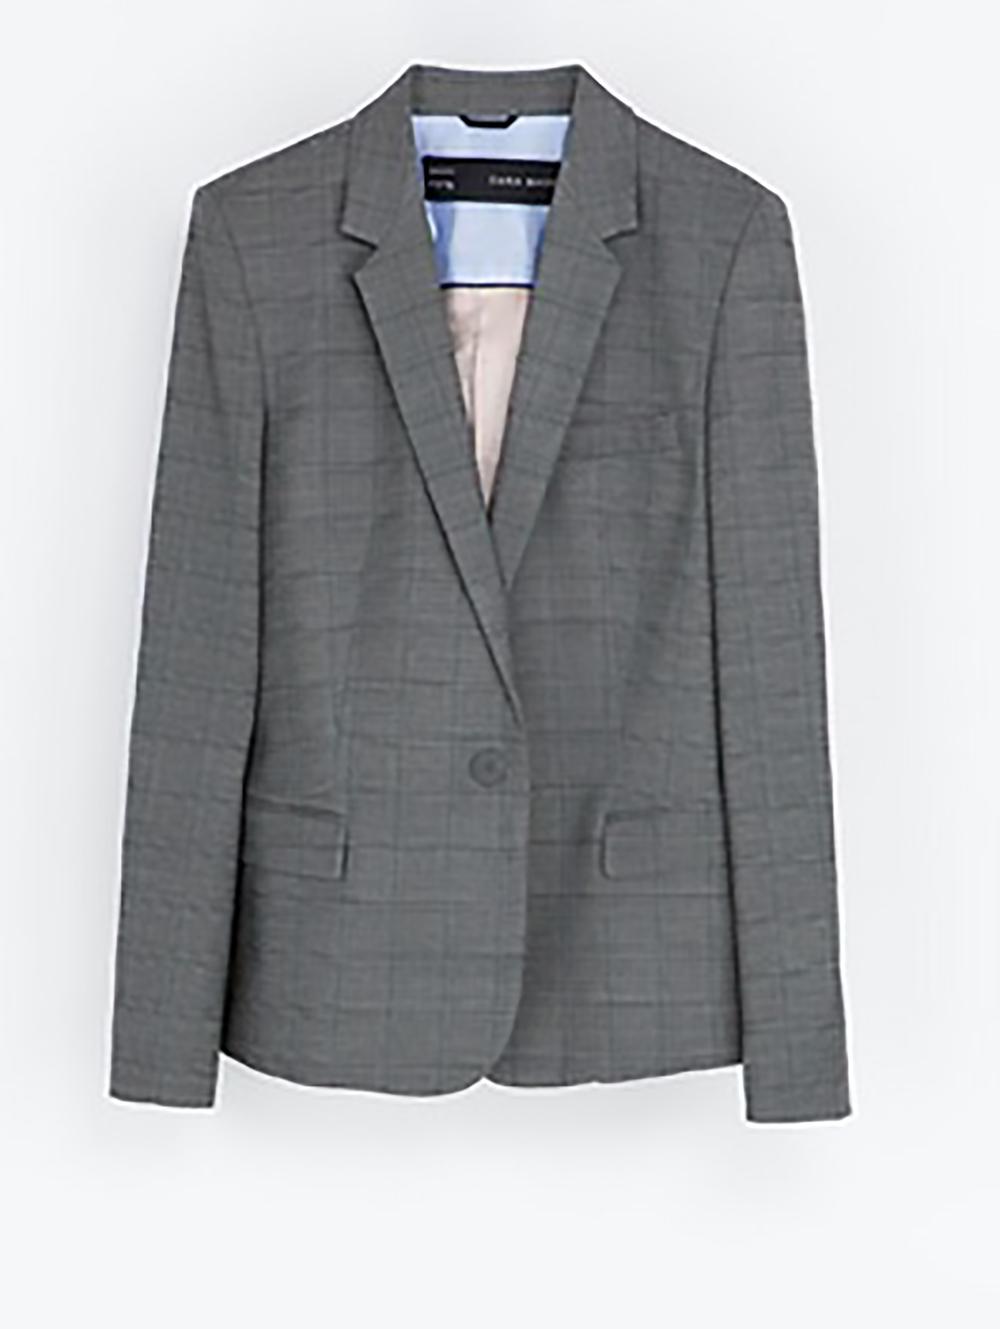 zara checked blazer with elbow patches blazers 1500.jpg